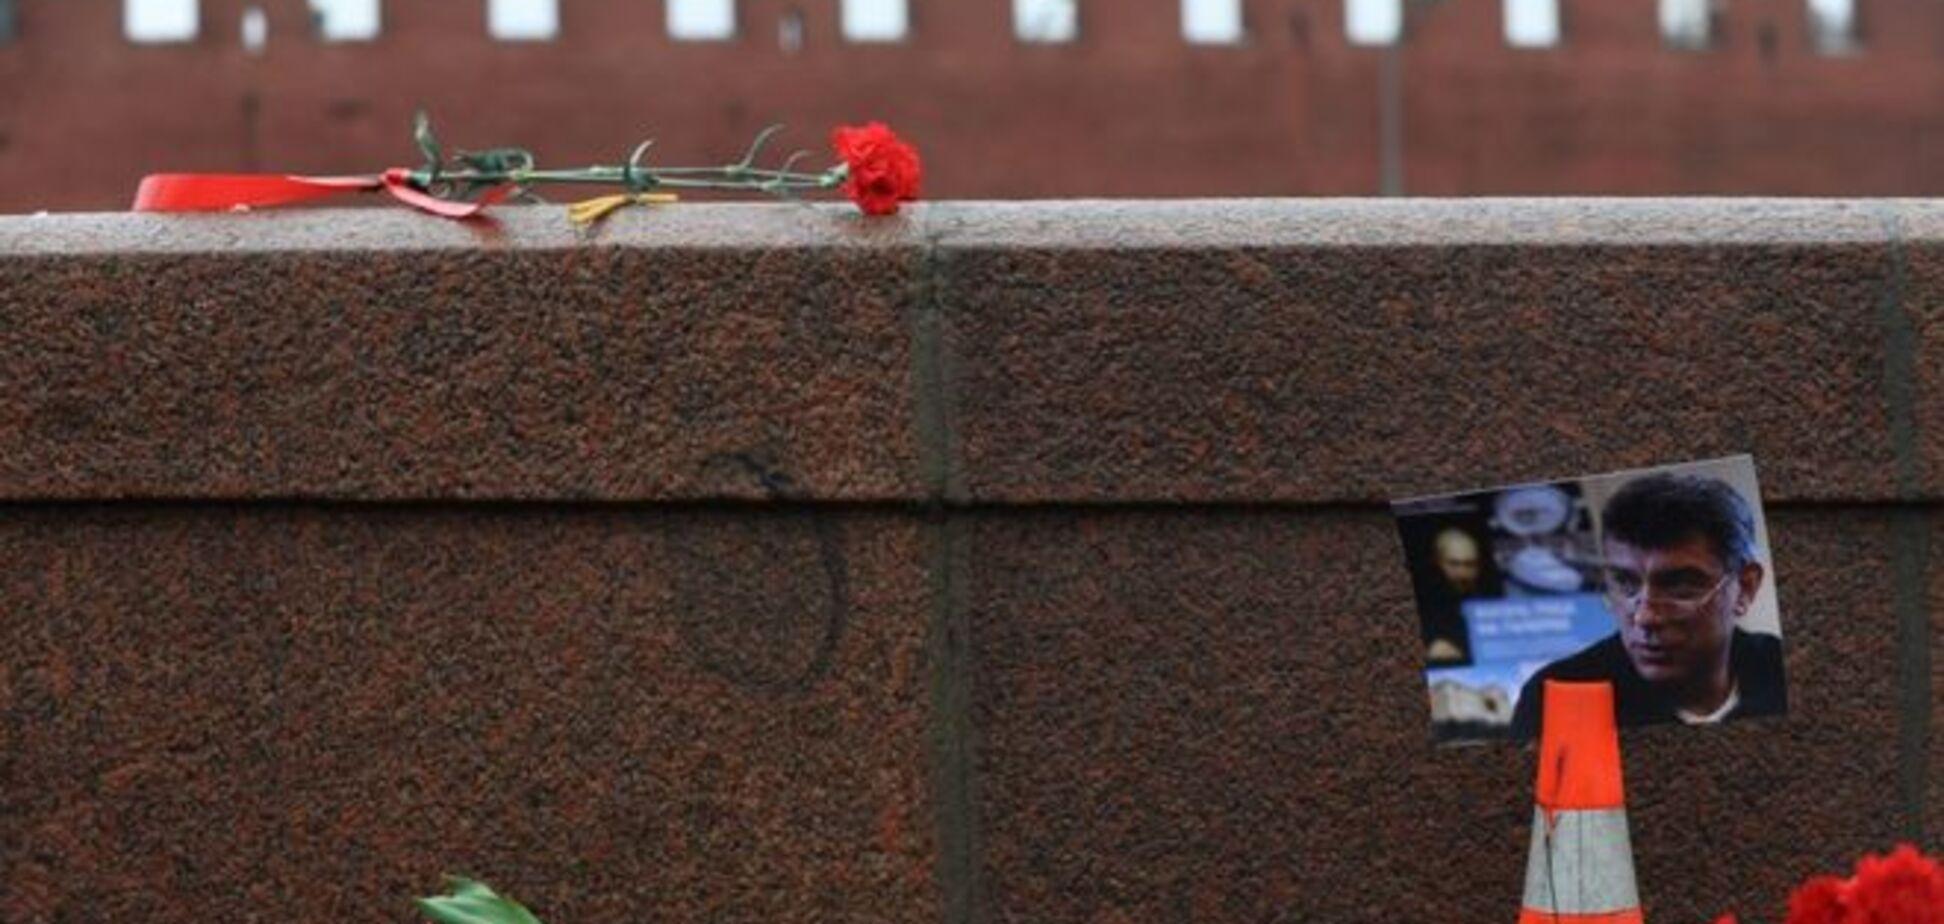 МИД: убийство Немцова – неудачная попытка запугать сторонников демократии в России